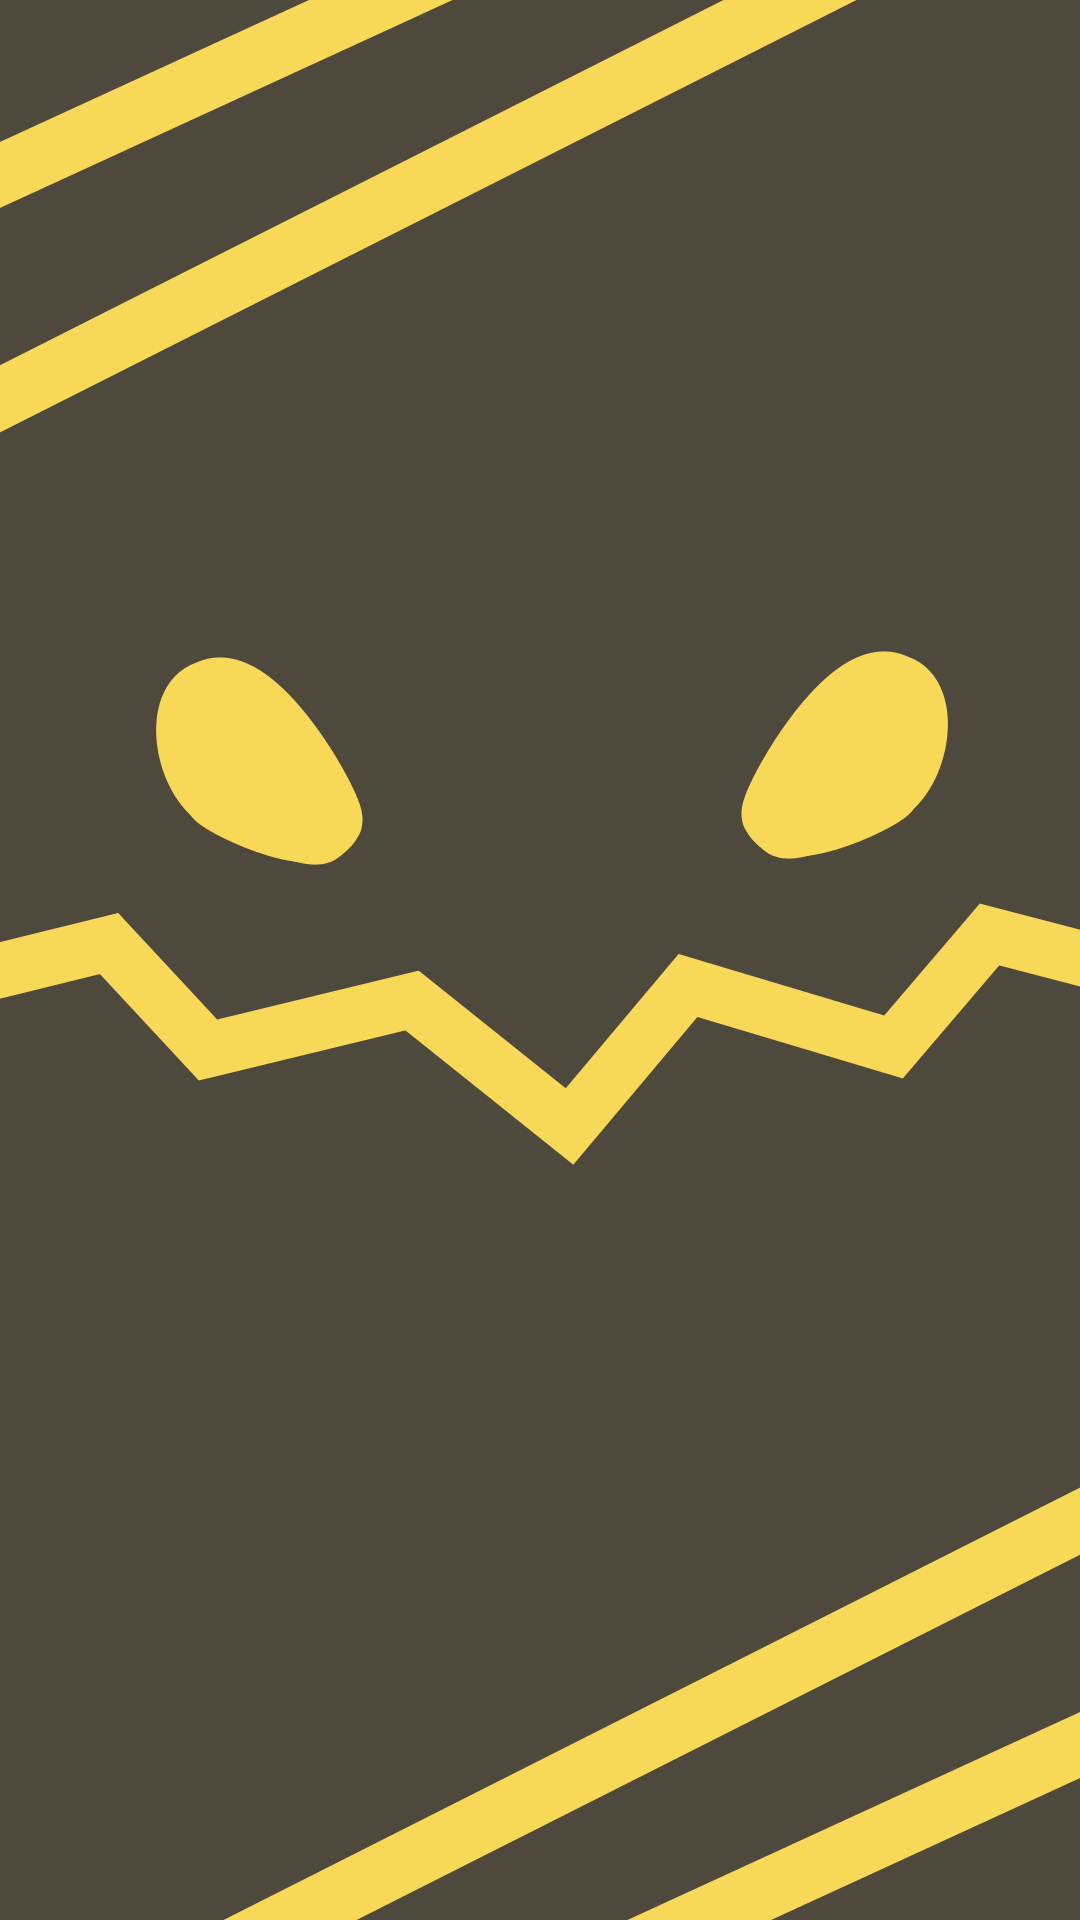 Zwirrfinst